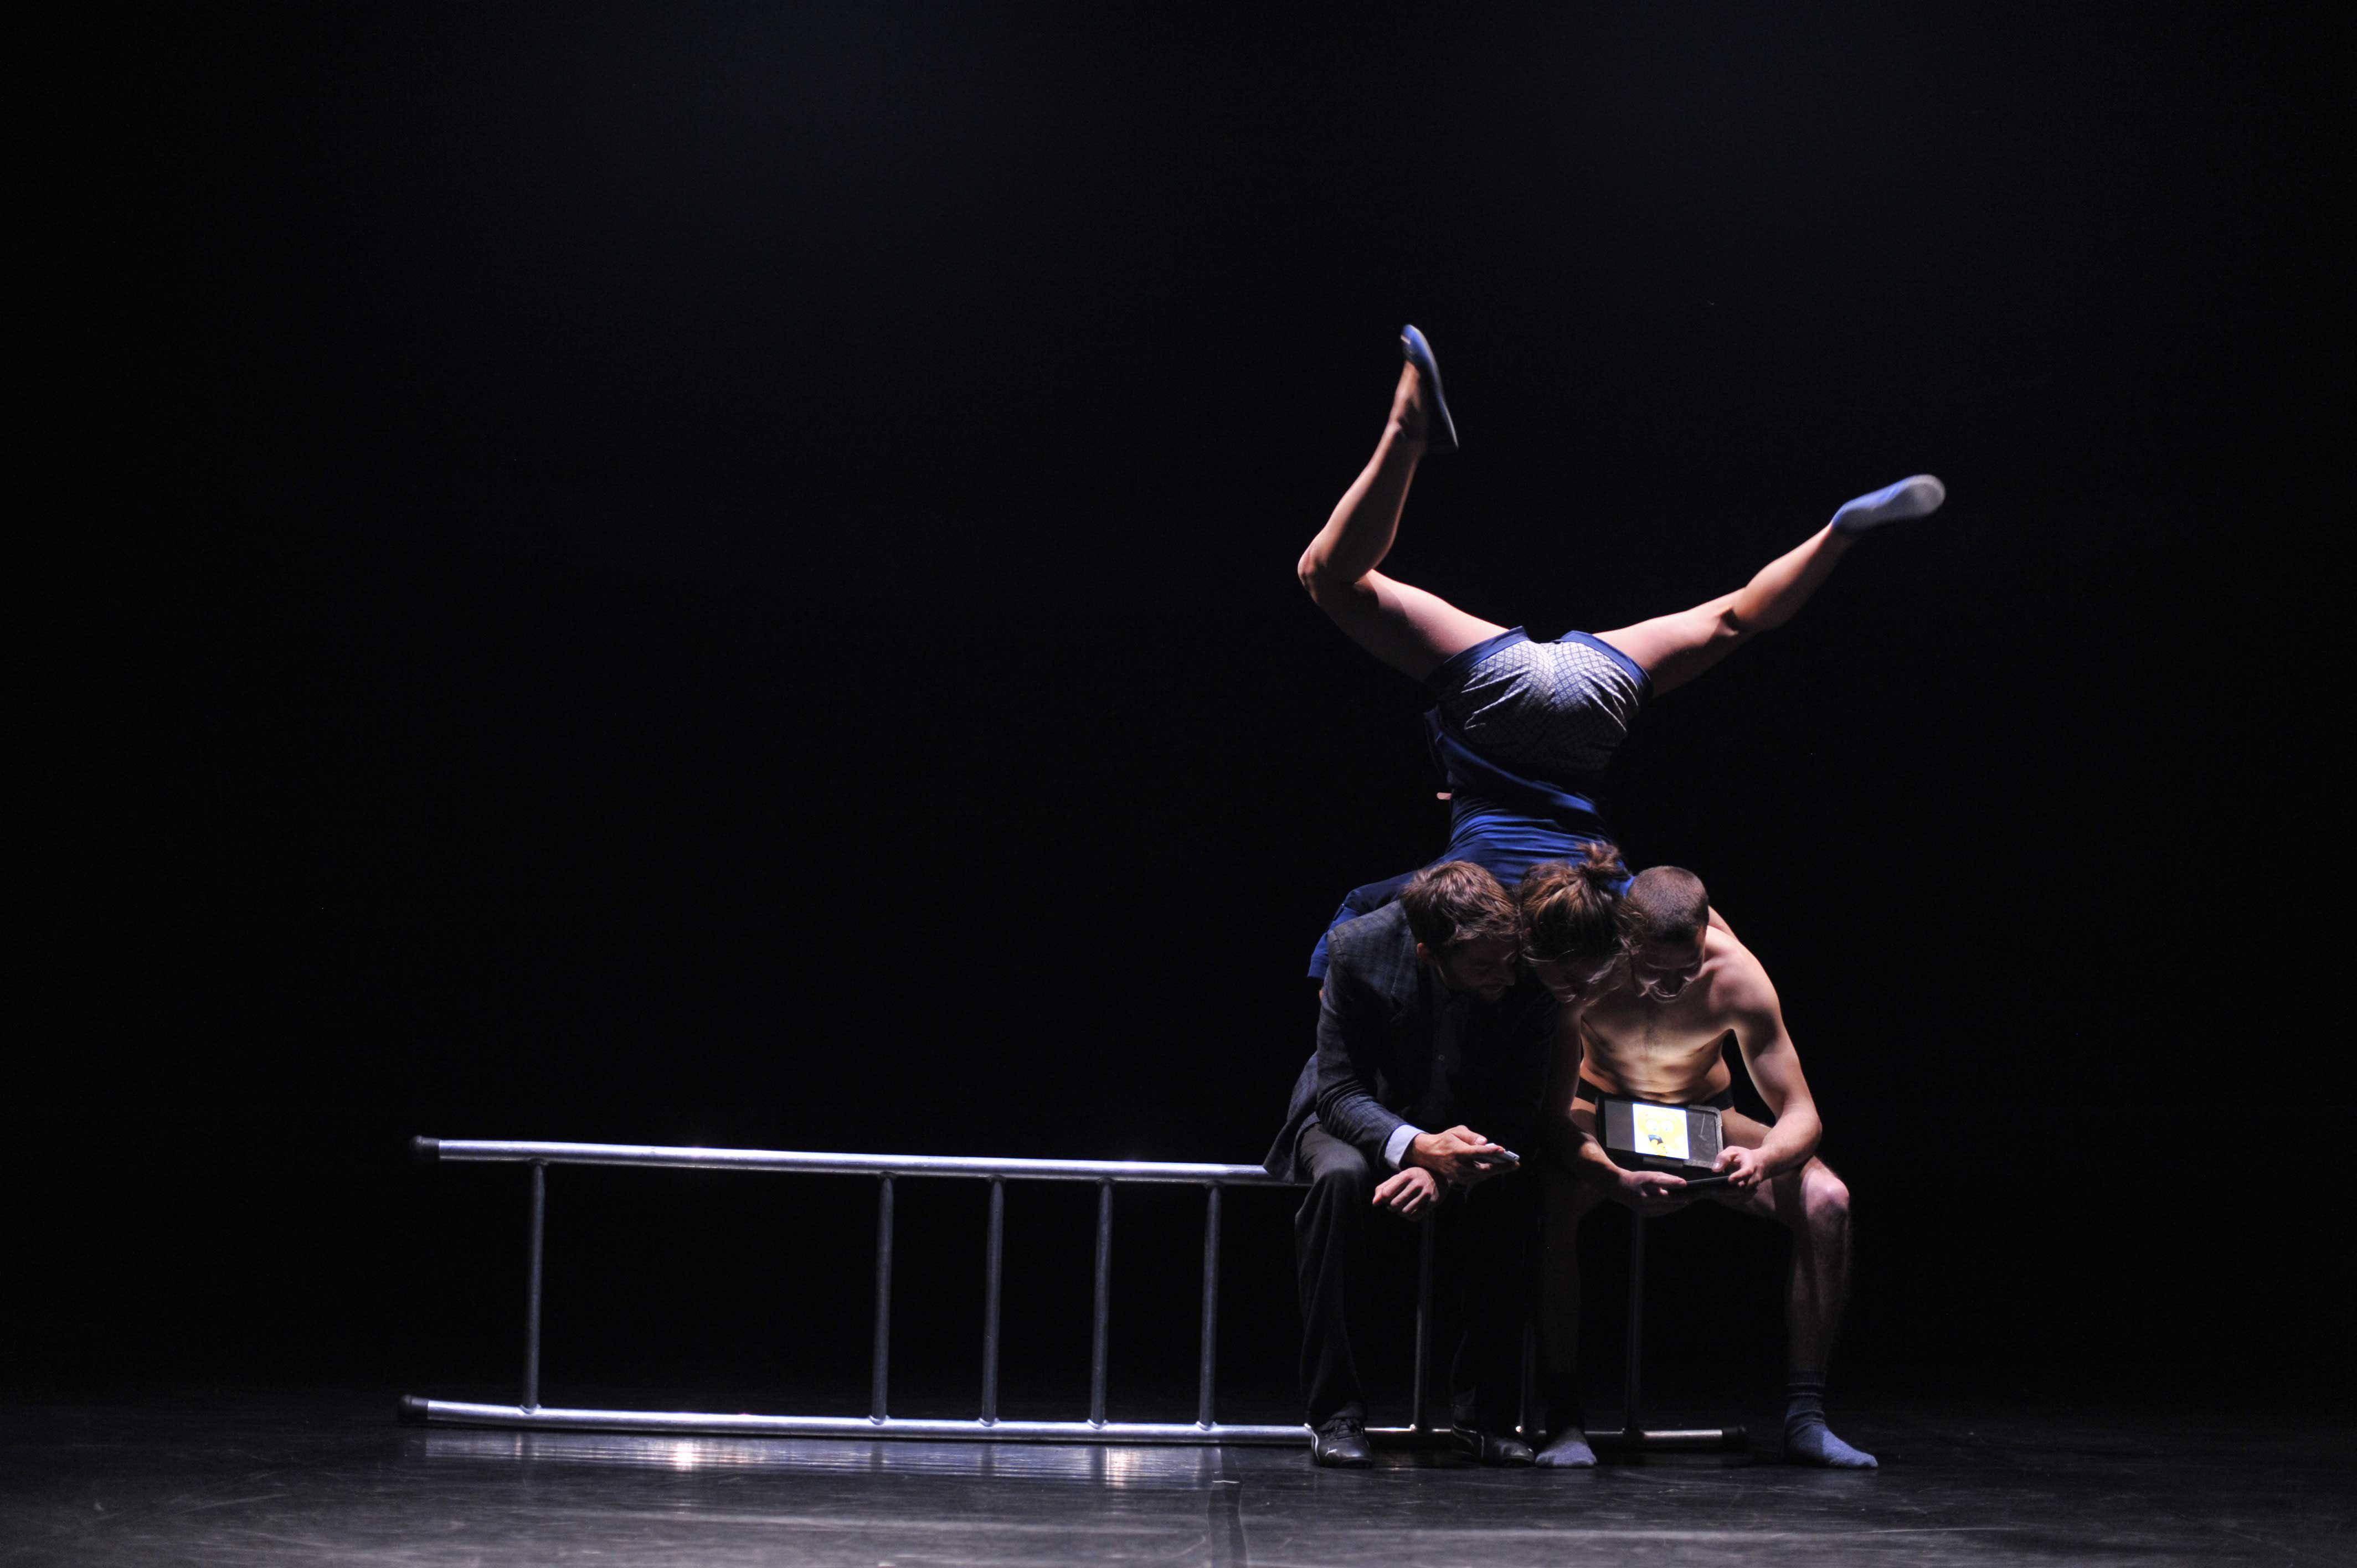 zenhir-circo-contemporaneo---ahcomèbelloluomo-1